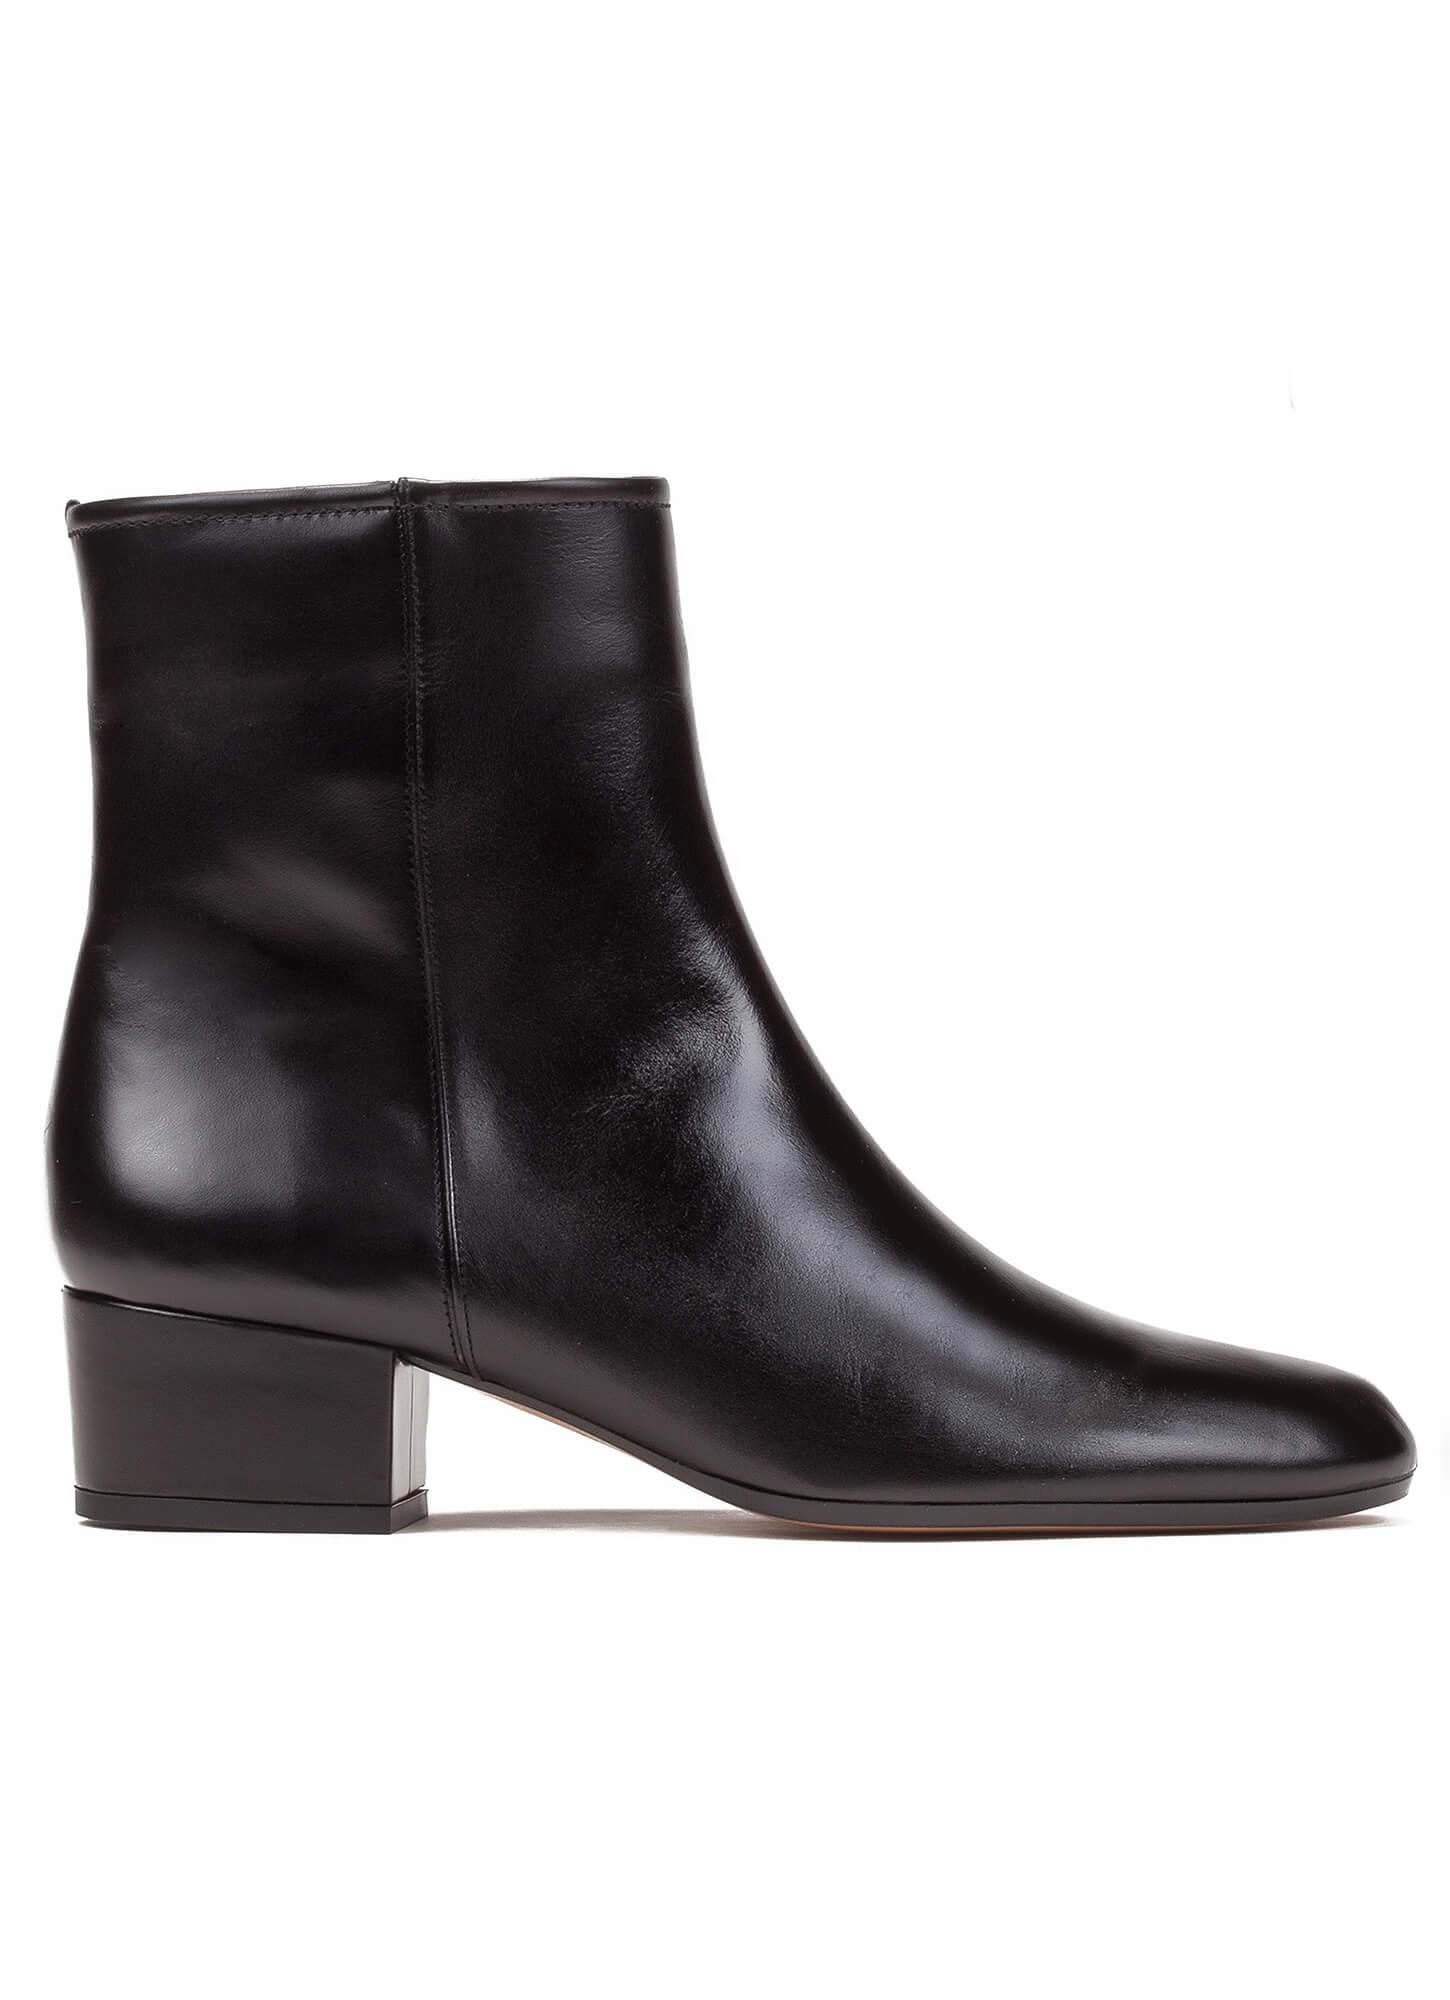 25e471f94922f Botines negros de tacón bajo - tienda de zapatos Pura López . PURA LOPEZ